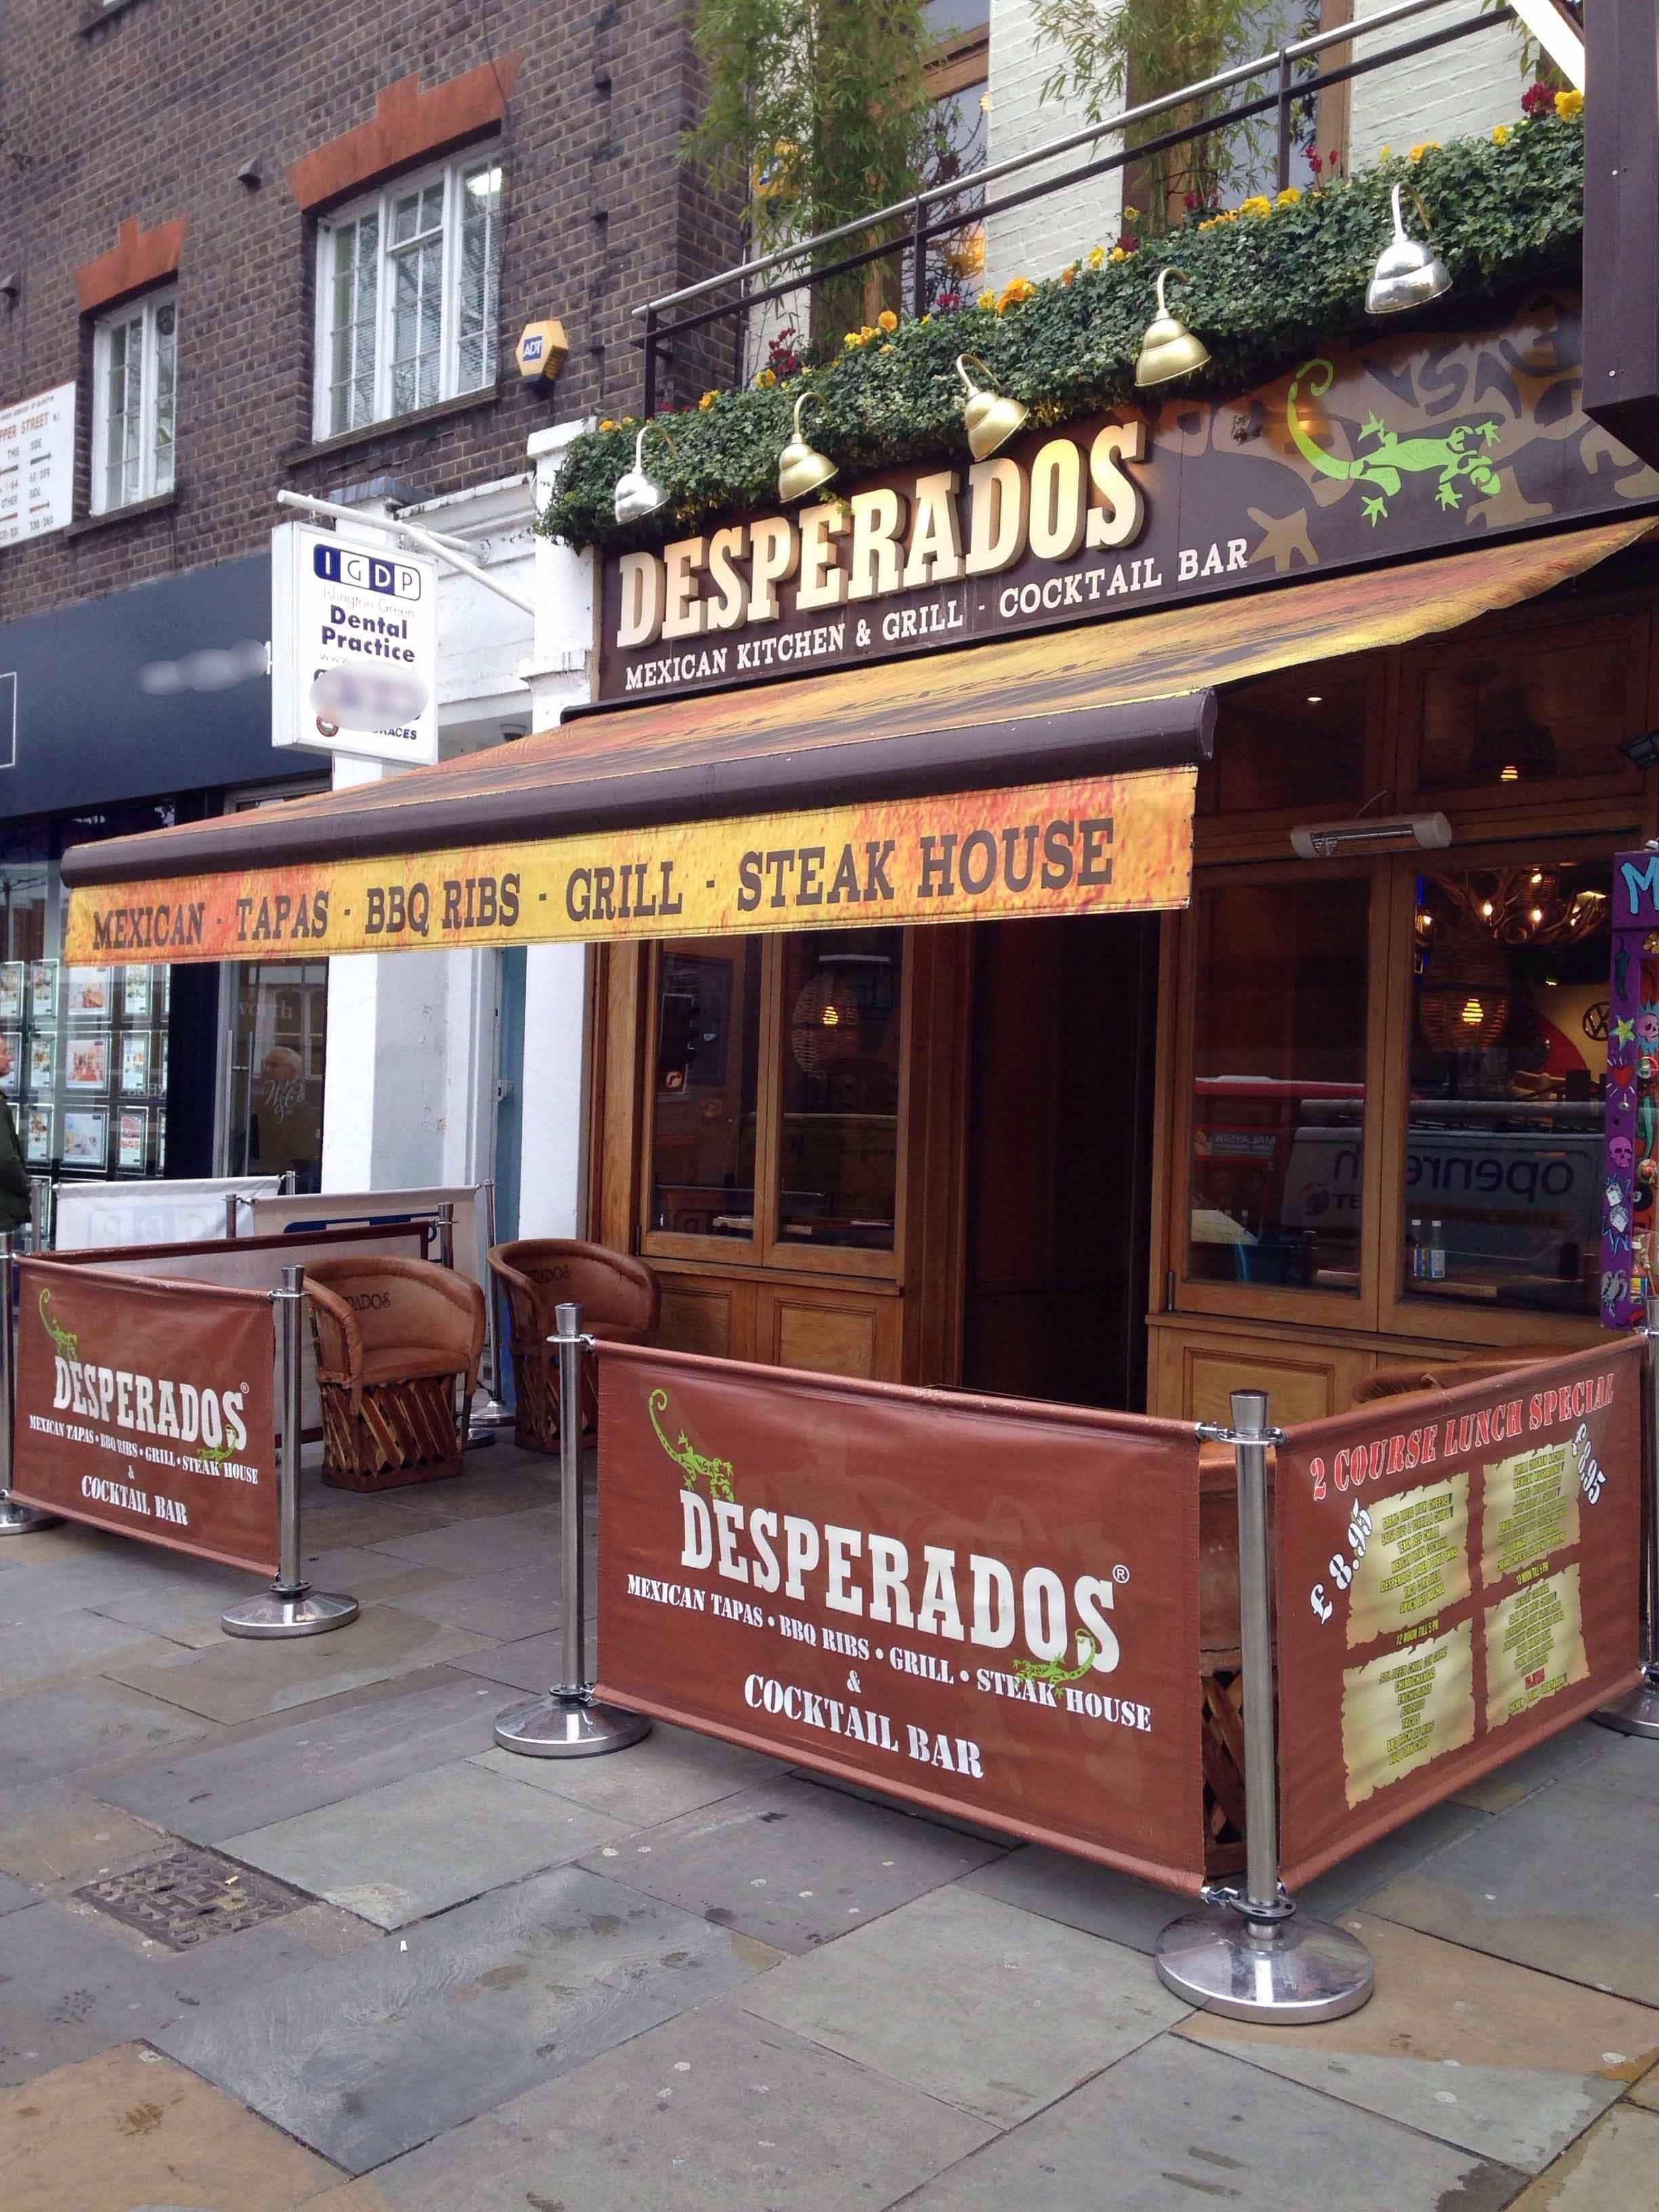 Desperados Upper Street Angel London